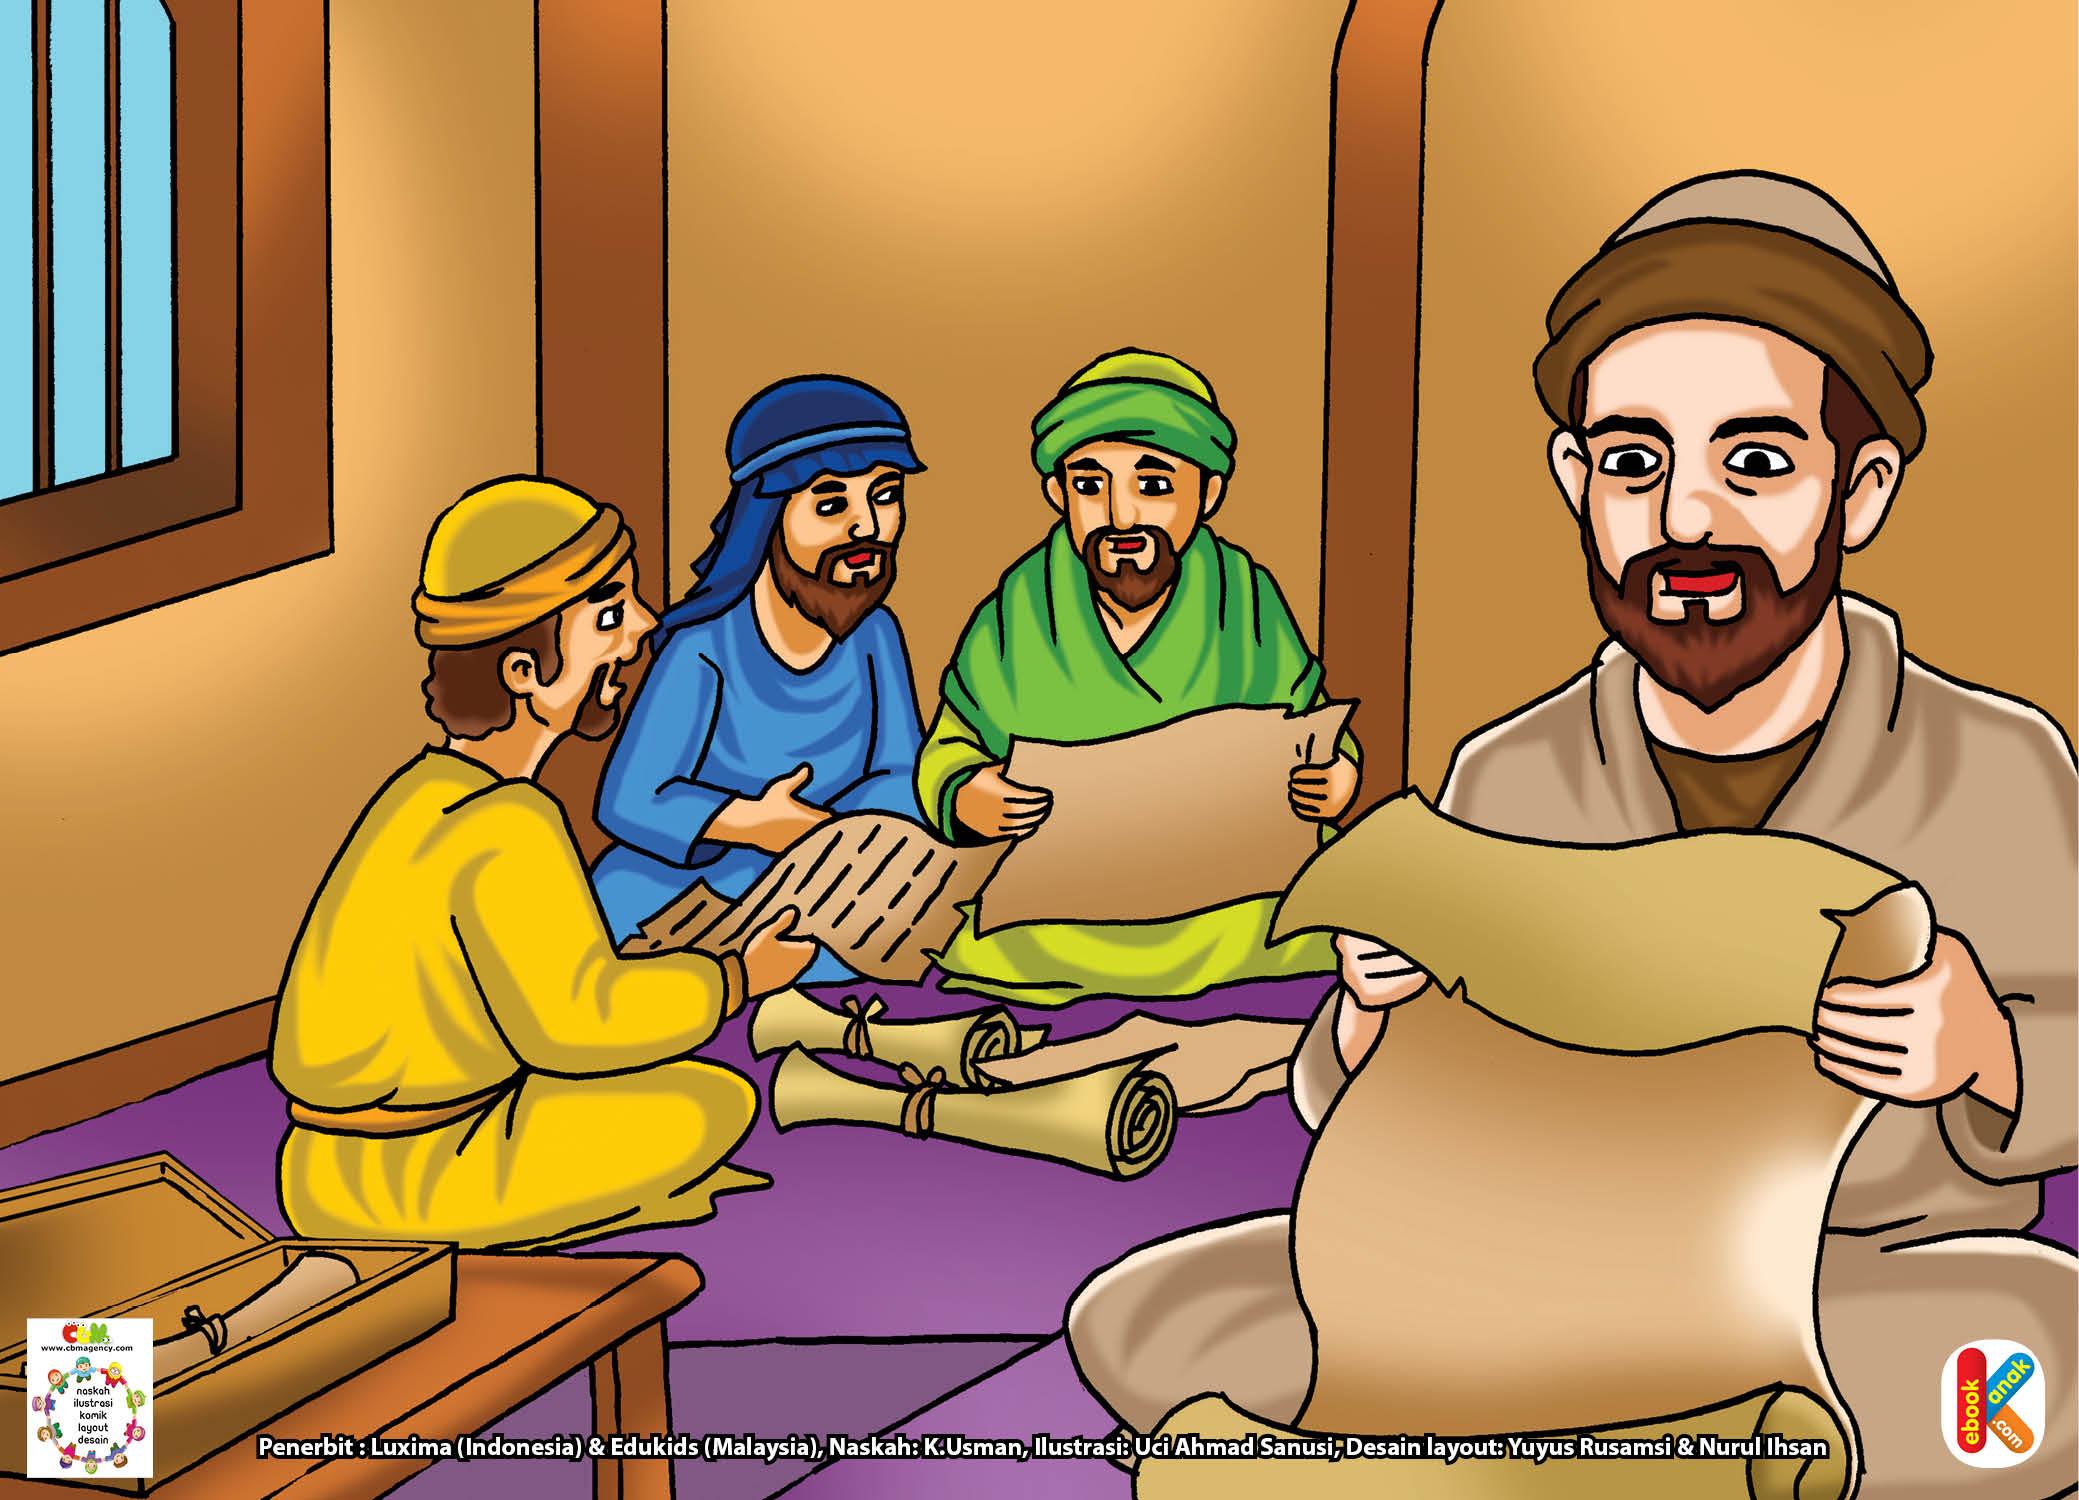 Tujuannya agar kelak, umat Islam memiliki kitab suci yang lengkap.